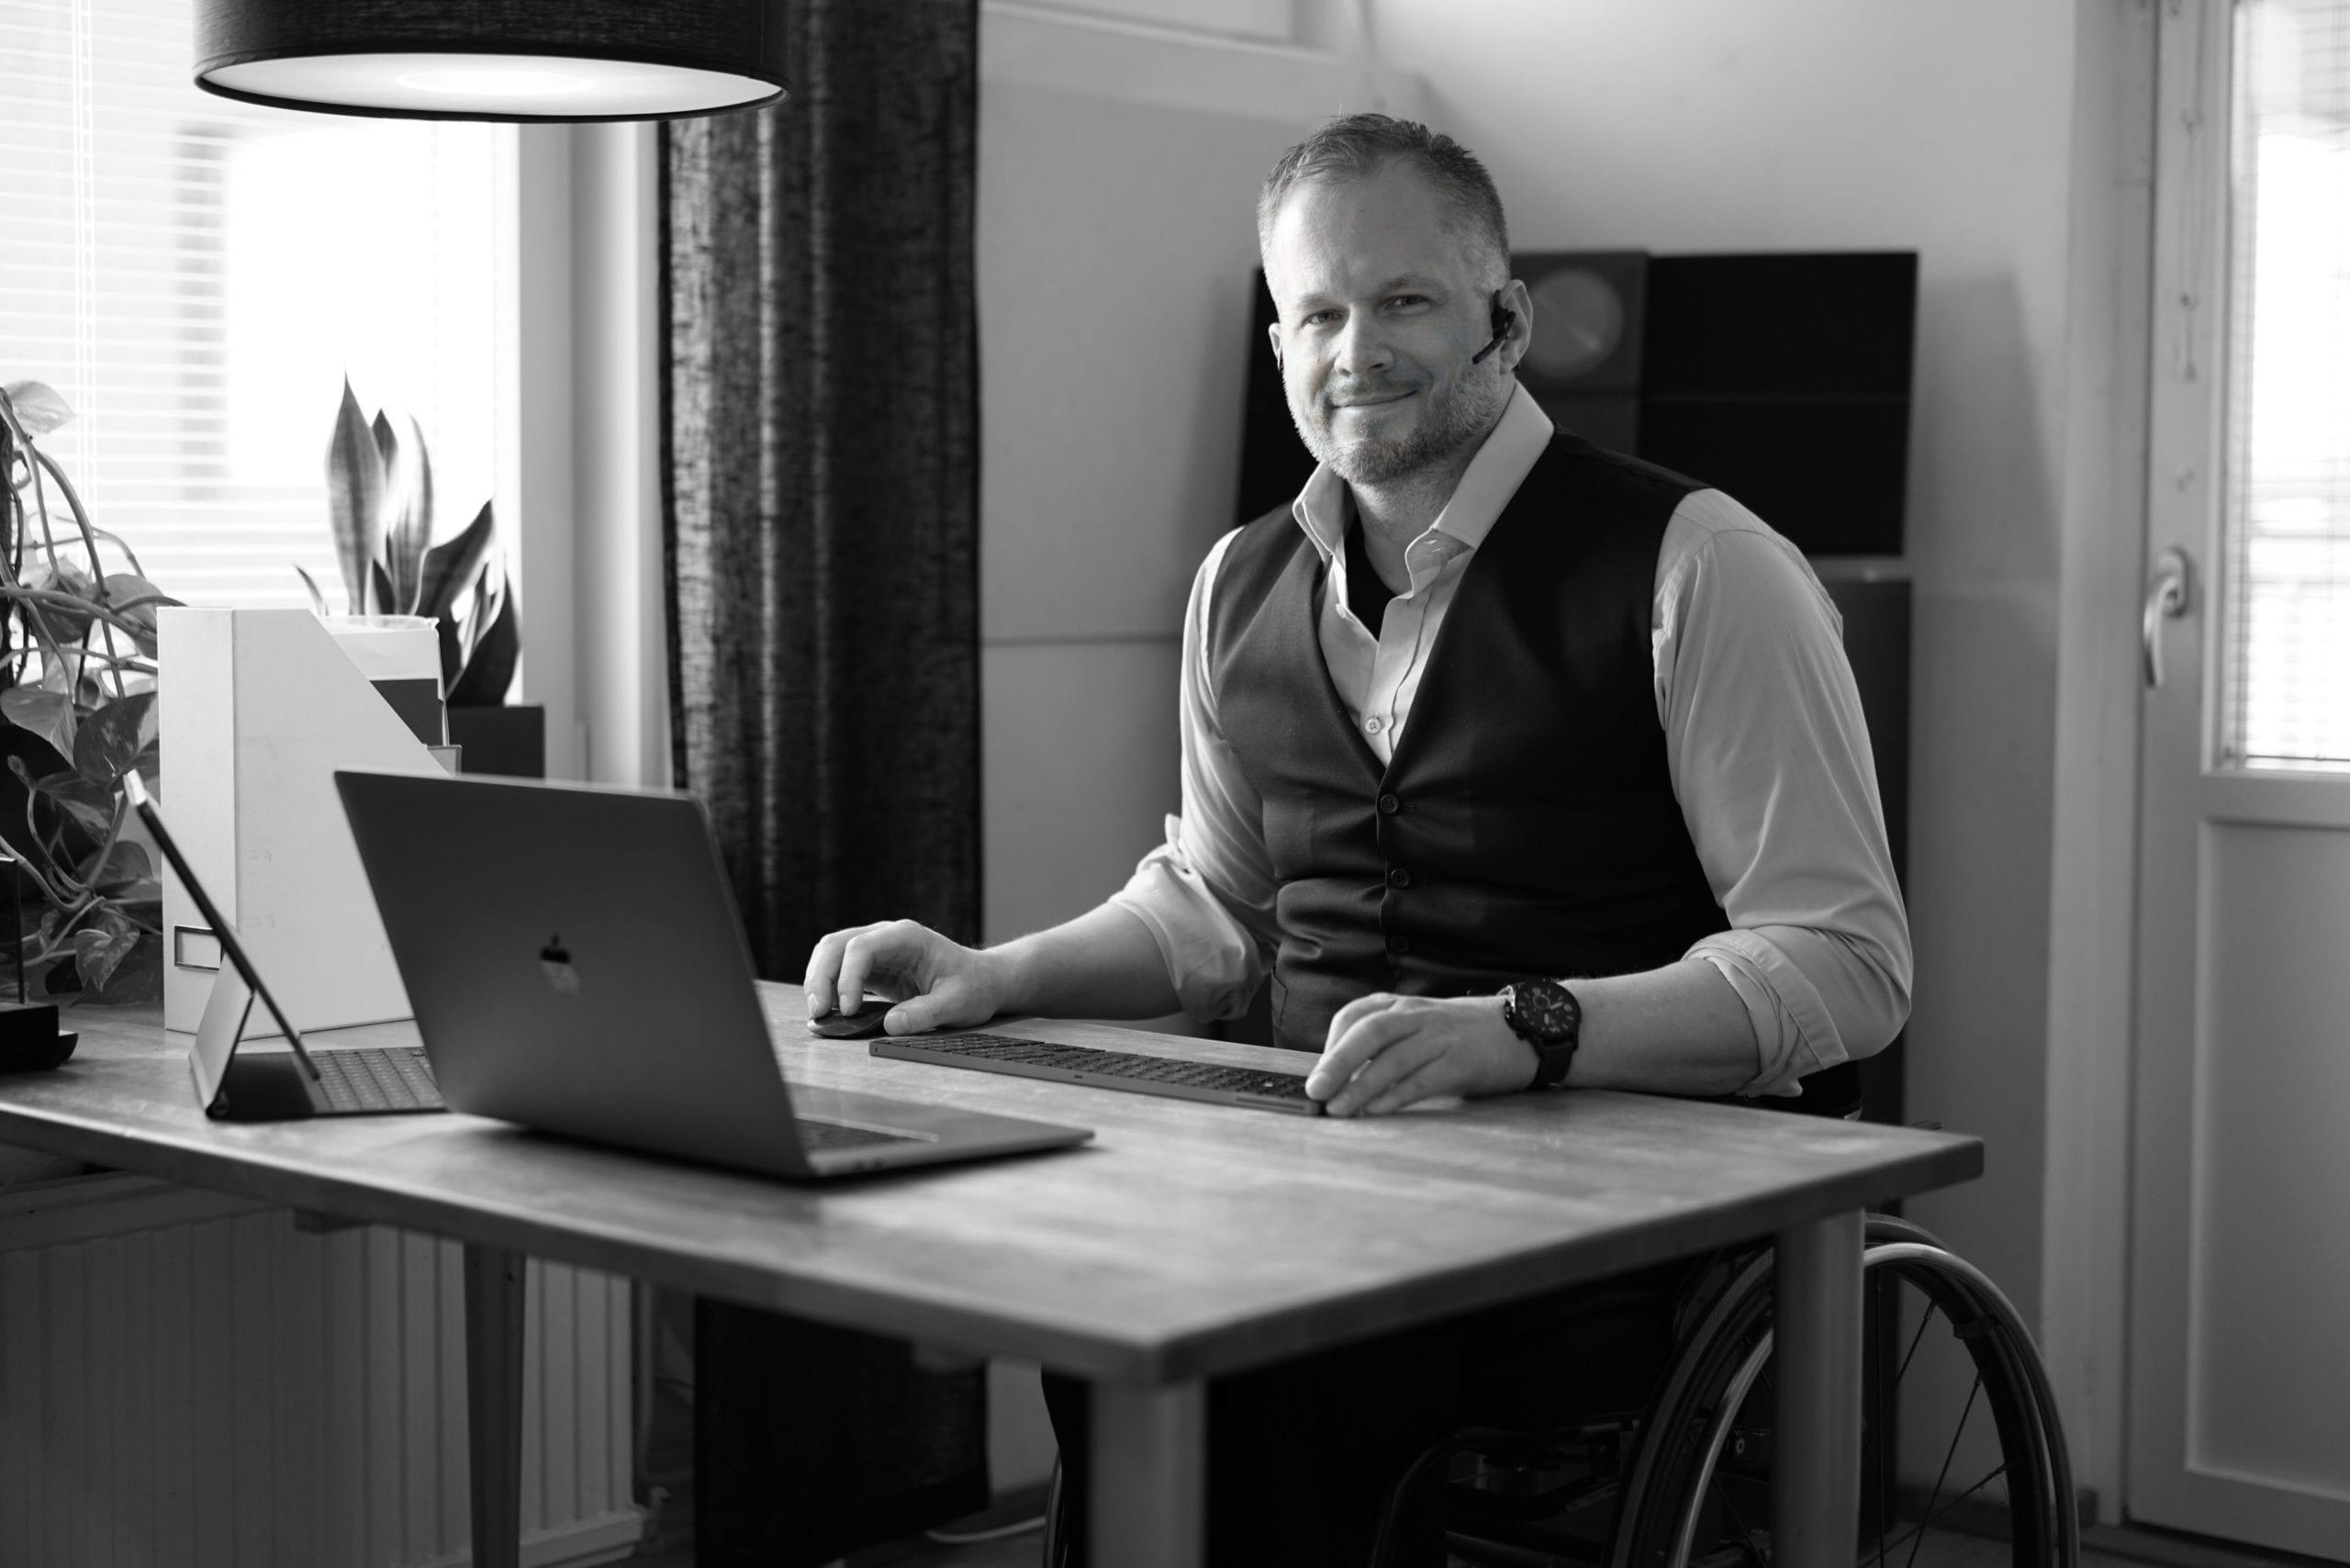 Svartvit bild på en man med vit skjorta och svart väst som sitter i rullstol. Han sitter vid ett skrivbord med headset och laptop.